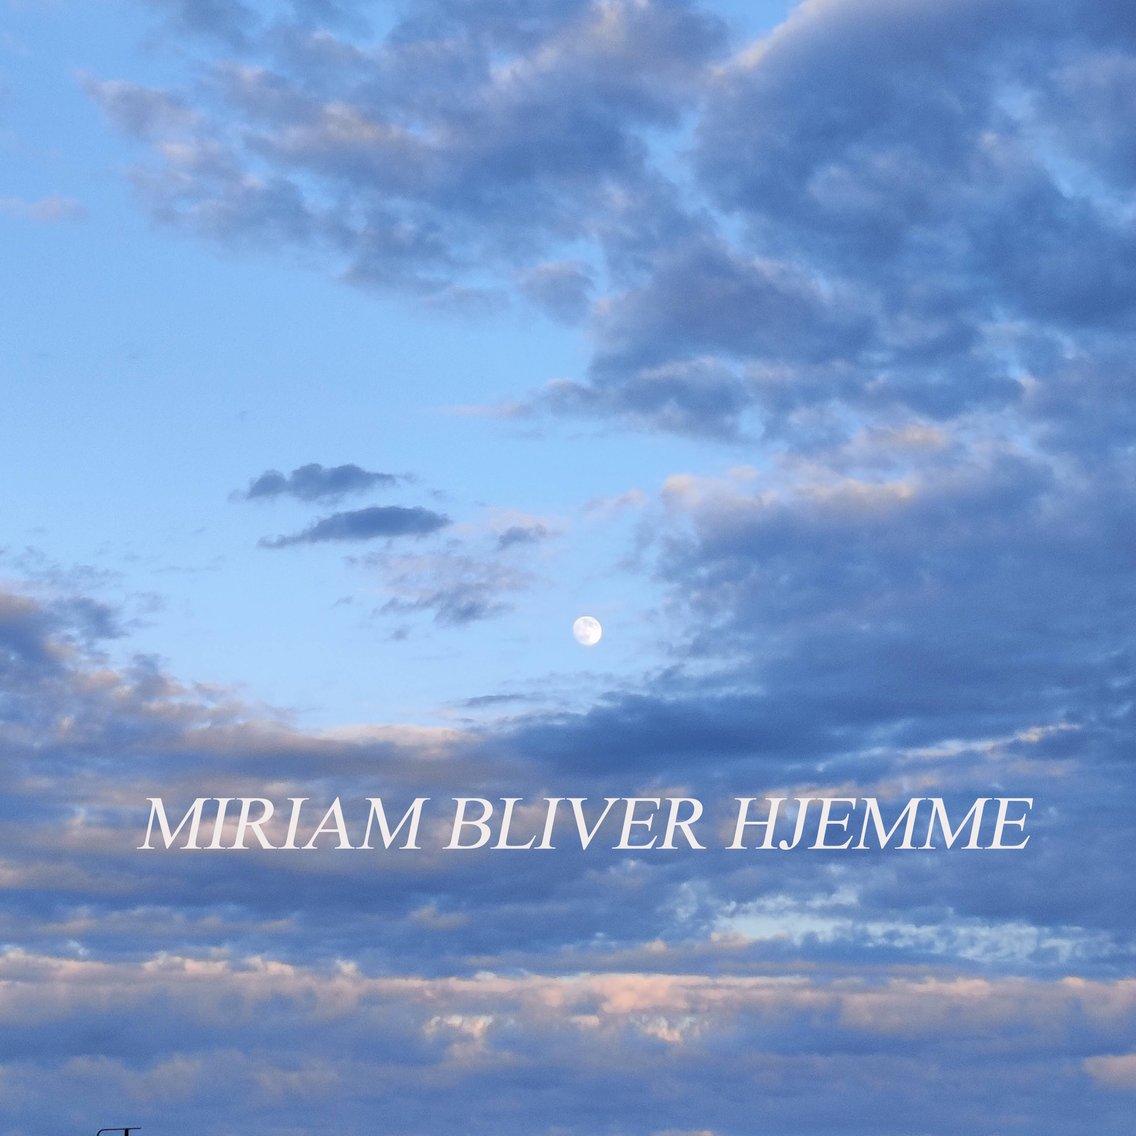 Miriam Bliver Hjemme - immagine di copertina